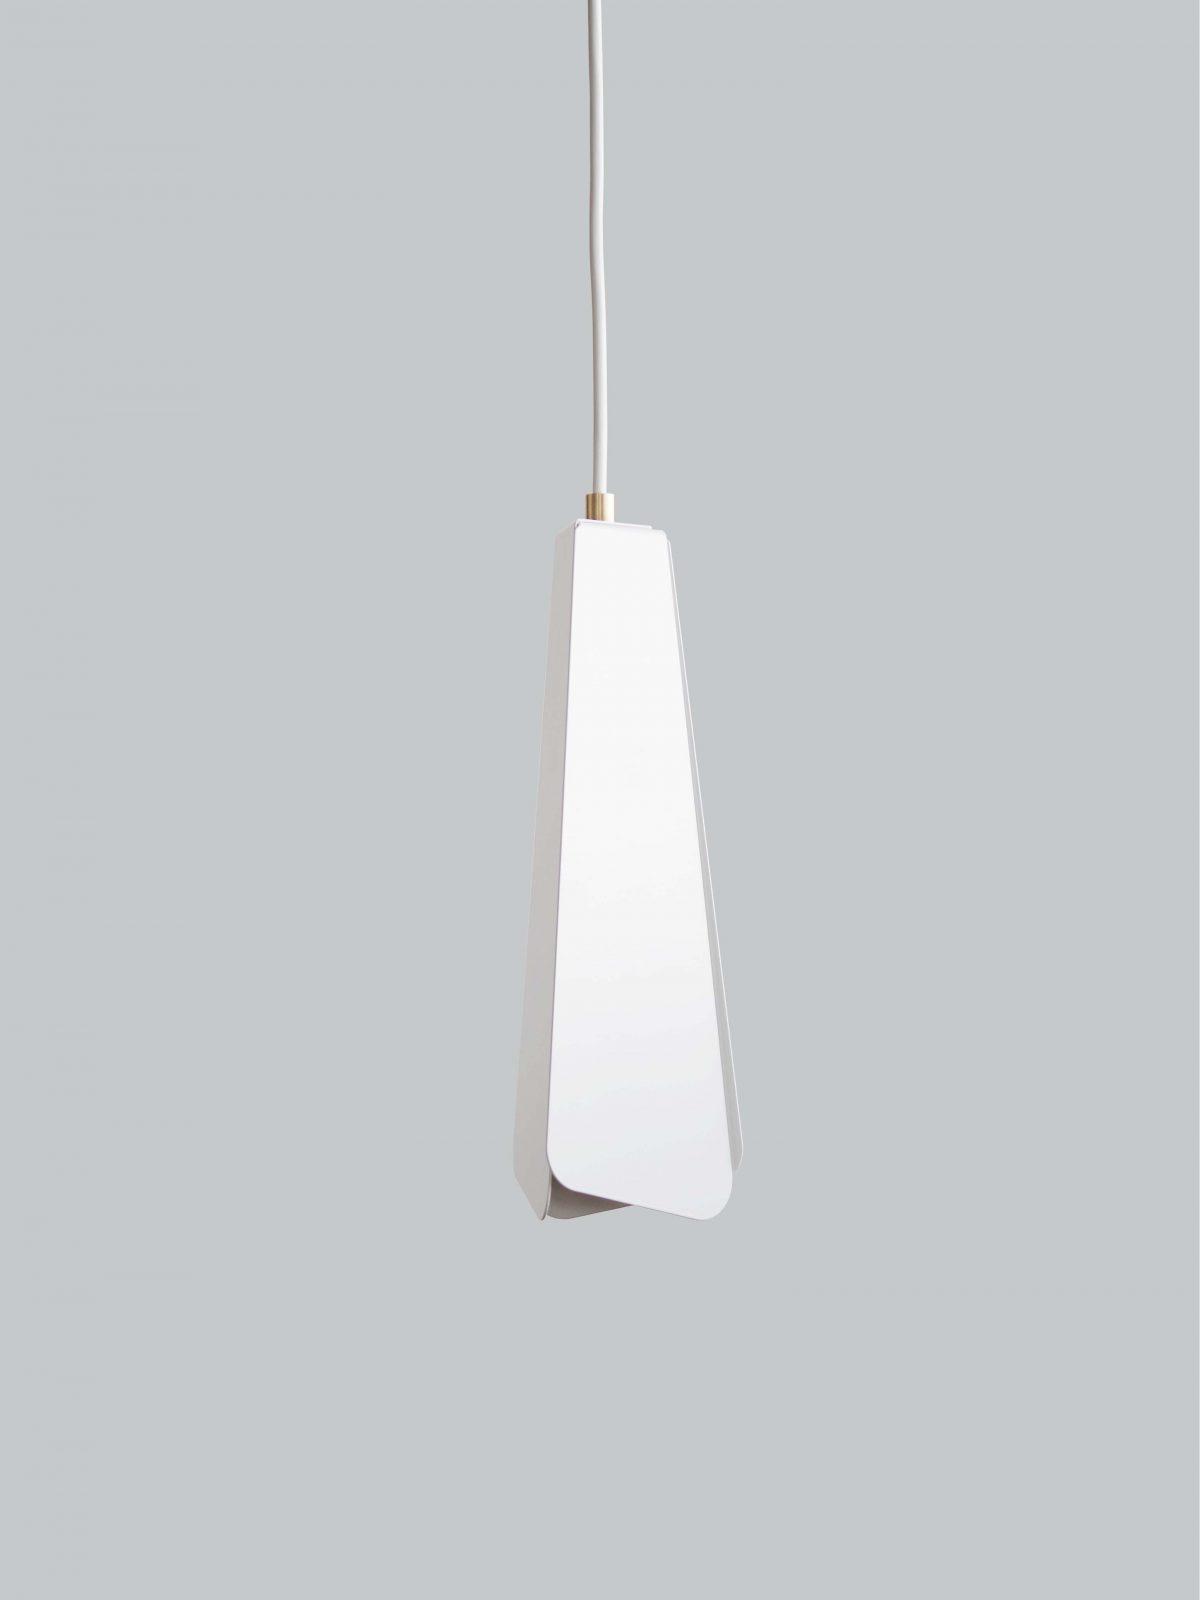 Oato Invert hanglamp – Gimmii